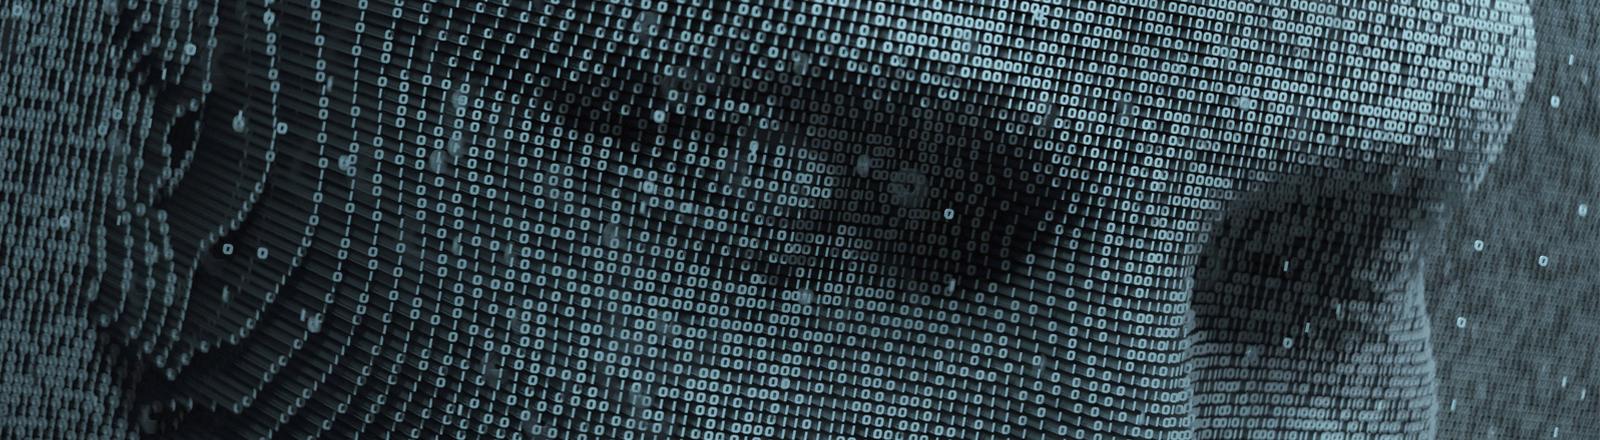 Ein Gesicht aus Binärcode in dreidimensionaler Anmutung